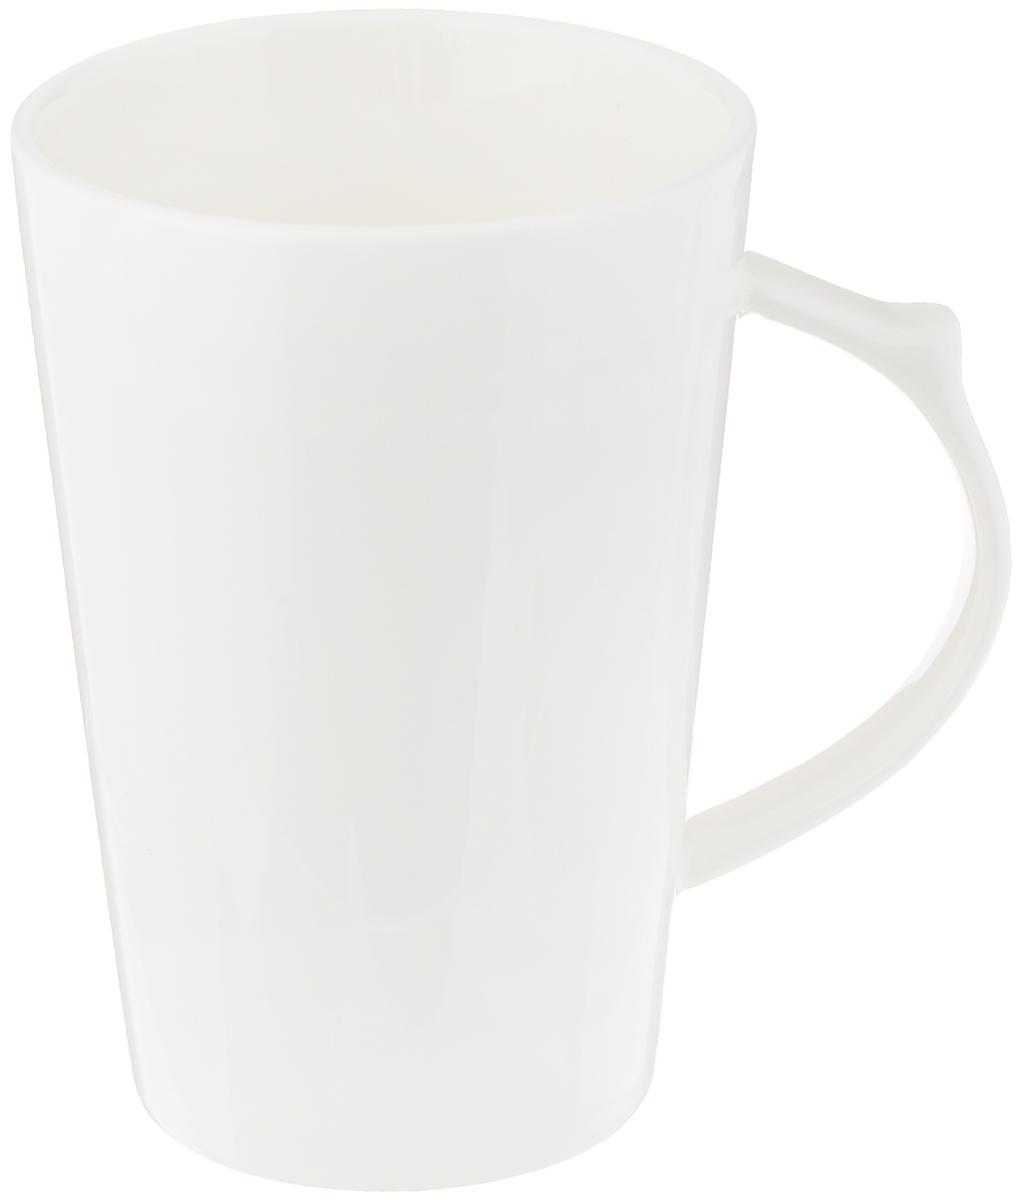 Кружка Wilmax, 380 мл115510Изящная кружка Wilmax выполнена из высококачественного фарфора. Изделие впишется в любой интерьер современной кухни, а также станет отличным дополнением к сервировке праздничного или обеденного стола. Диаметр кружки (по верхнему краю): 8 см.